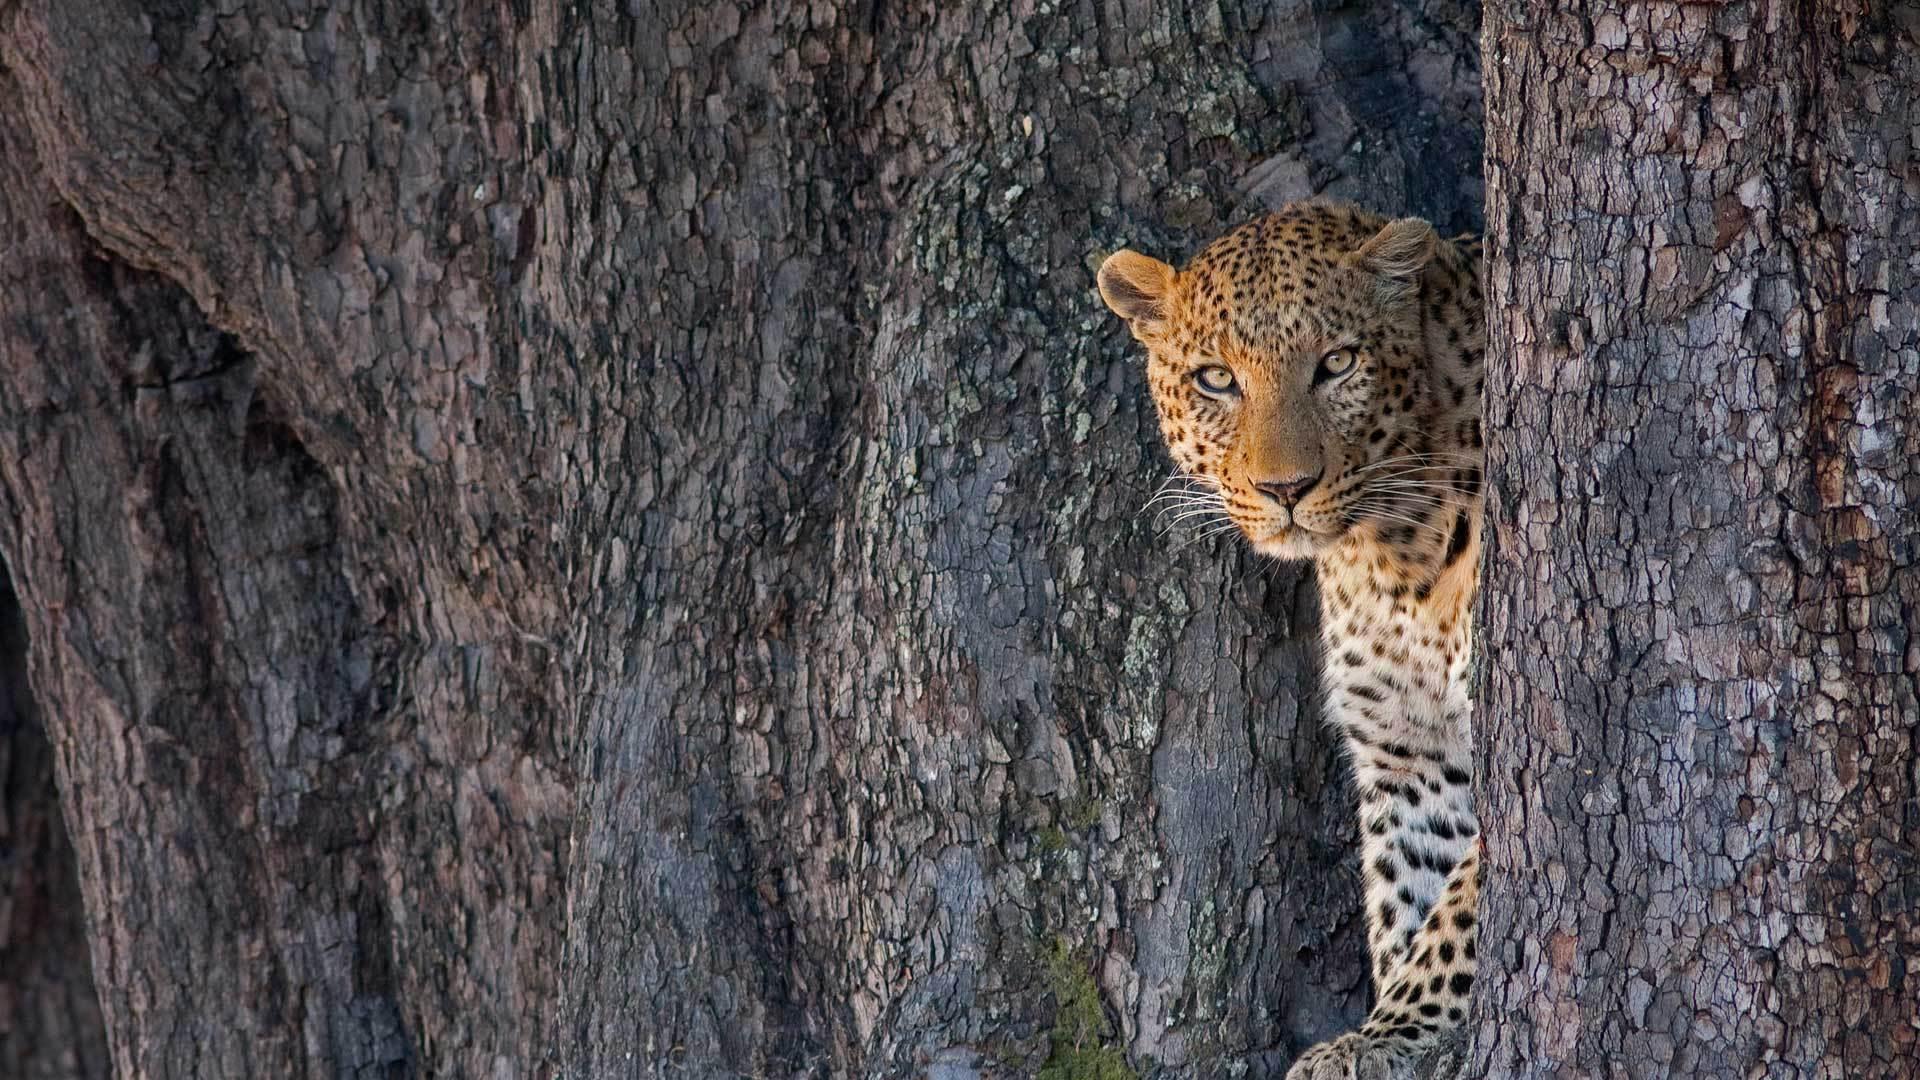 利尼扬蒂野生动物保护区中的一只雄性豹子